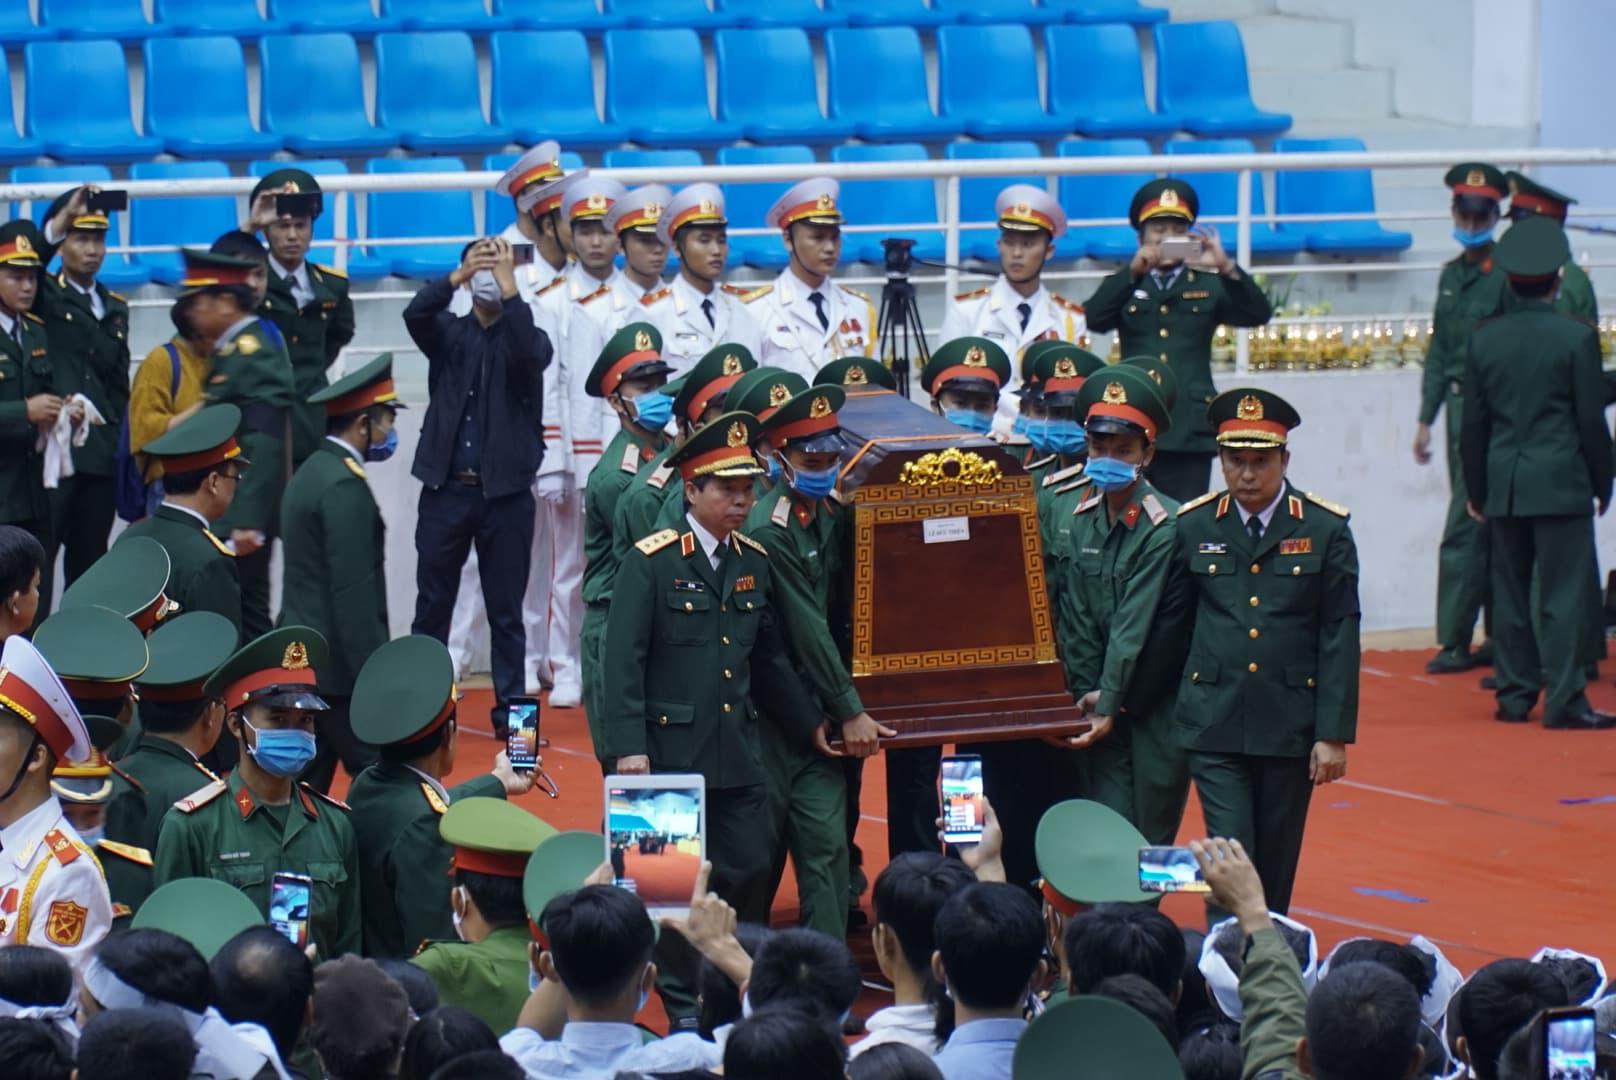 Lễ di quan 22 liệt sĩ Đoàn 337 hy sinh do sạt lở tại Quảng Trị  - Ảnh 5.